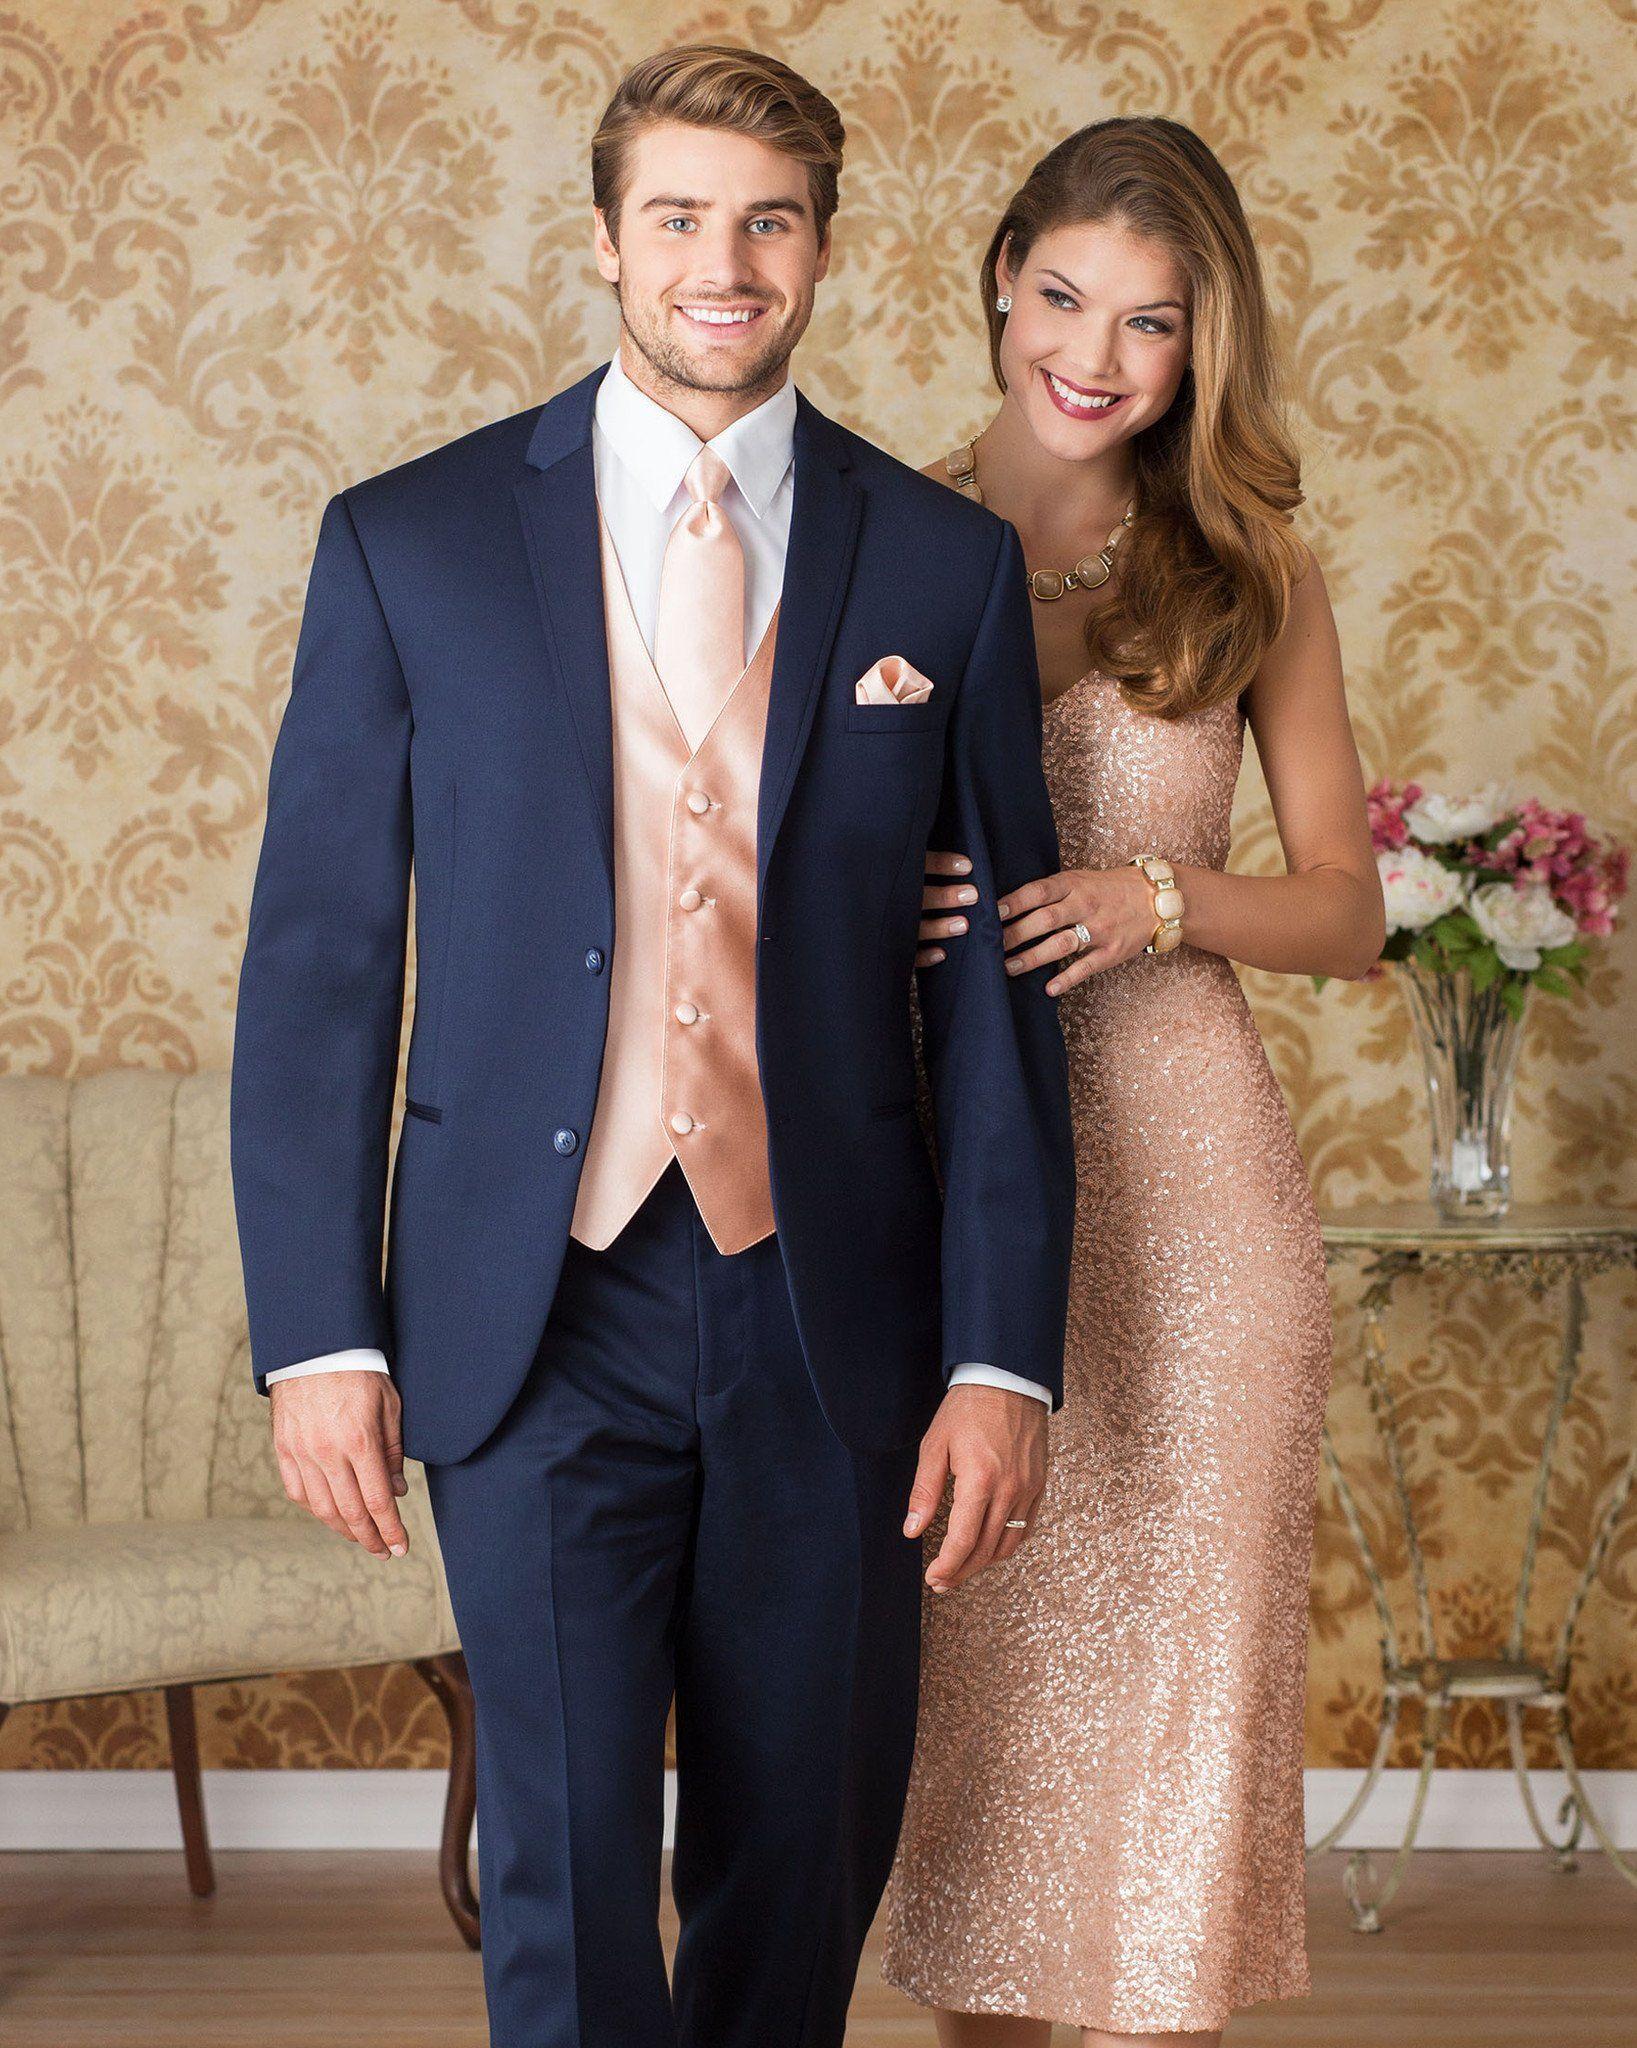 372 Michael Kors Navy Sterling Wedding Suit - Rental